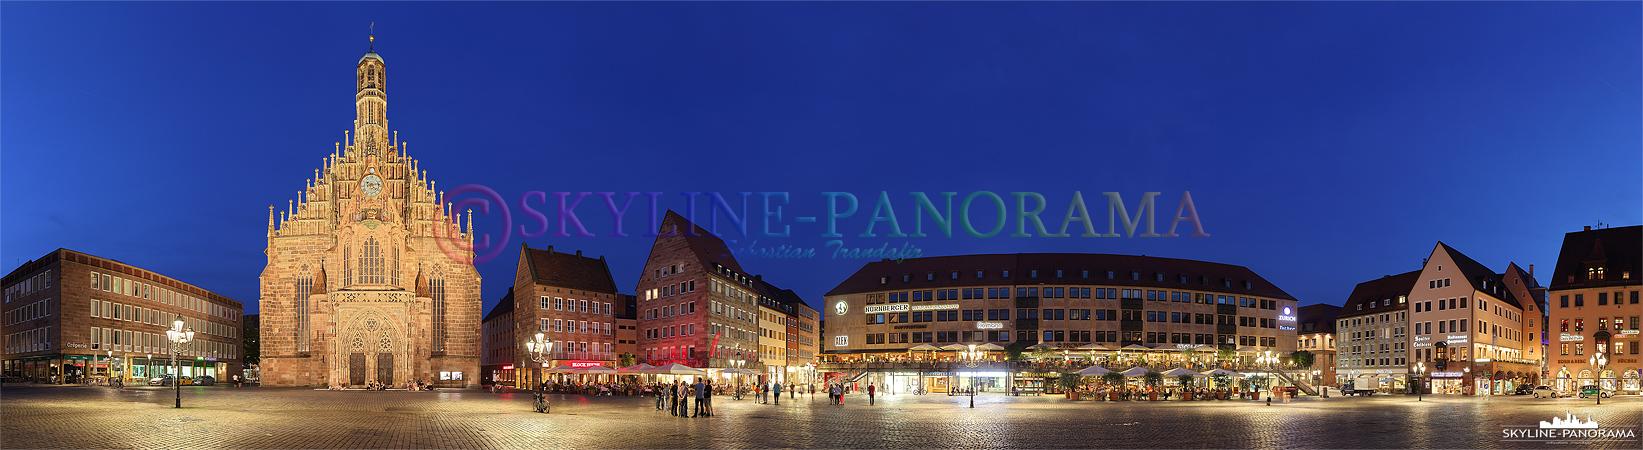 Der Nürnberger Hauptmarkt mit der beleuchteten Frauenkirche als Panorama in der Dämmerung. In der Weihnachtszeit findet auf dem Hauptmarkt der weltbekannte Nürnberger Christkindlesmarkt statt.